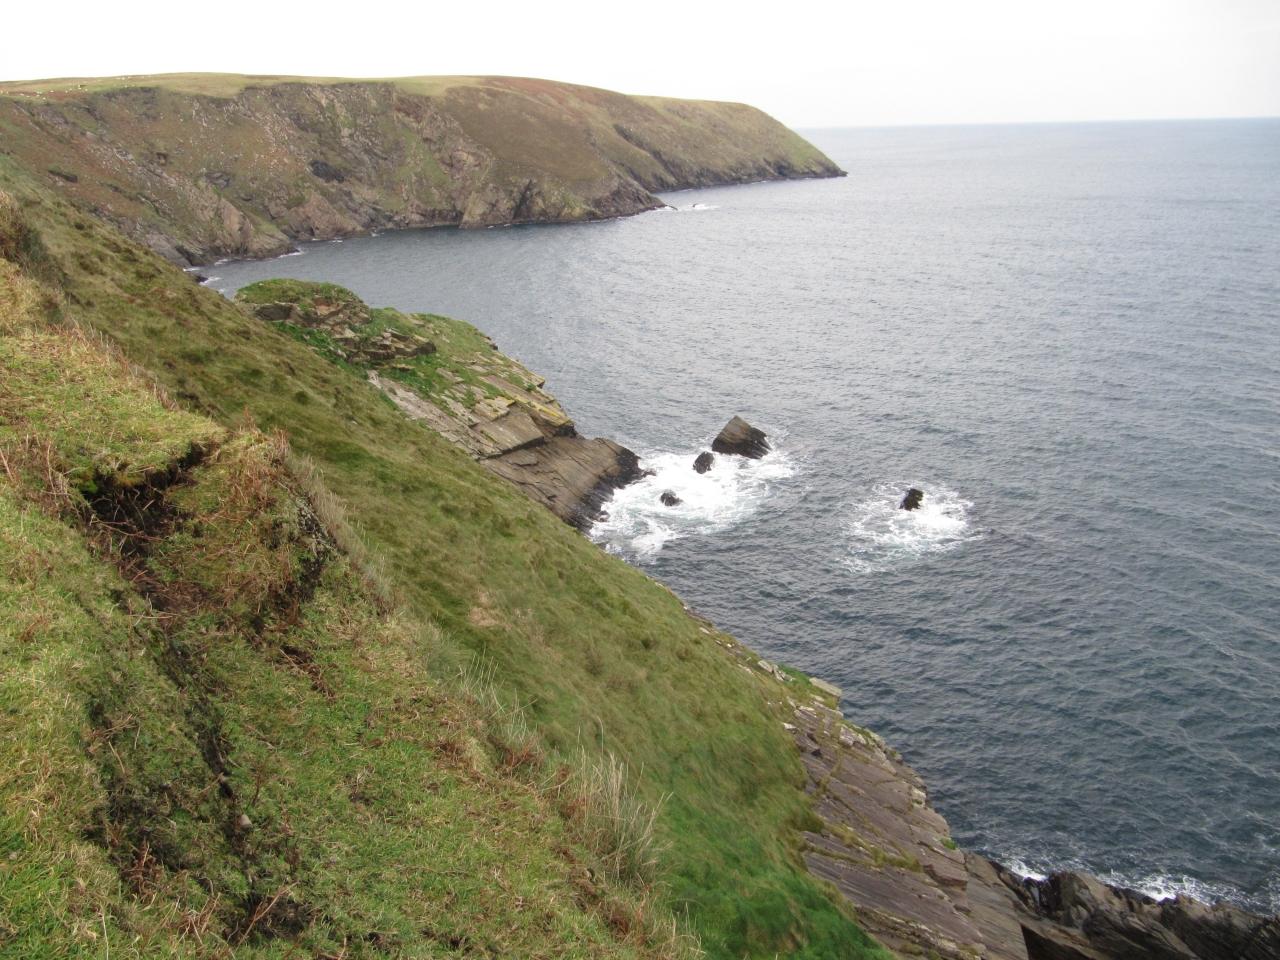 The cliffs off Glenlara.